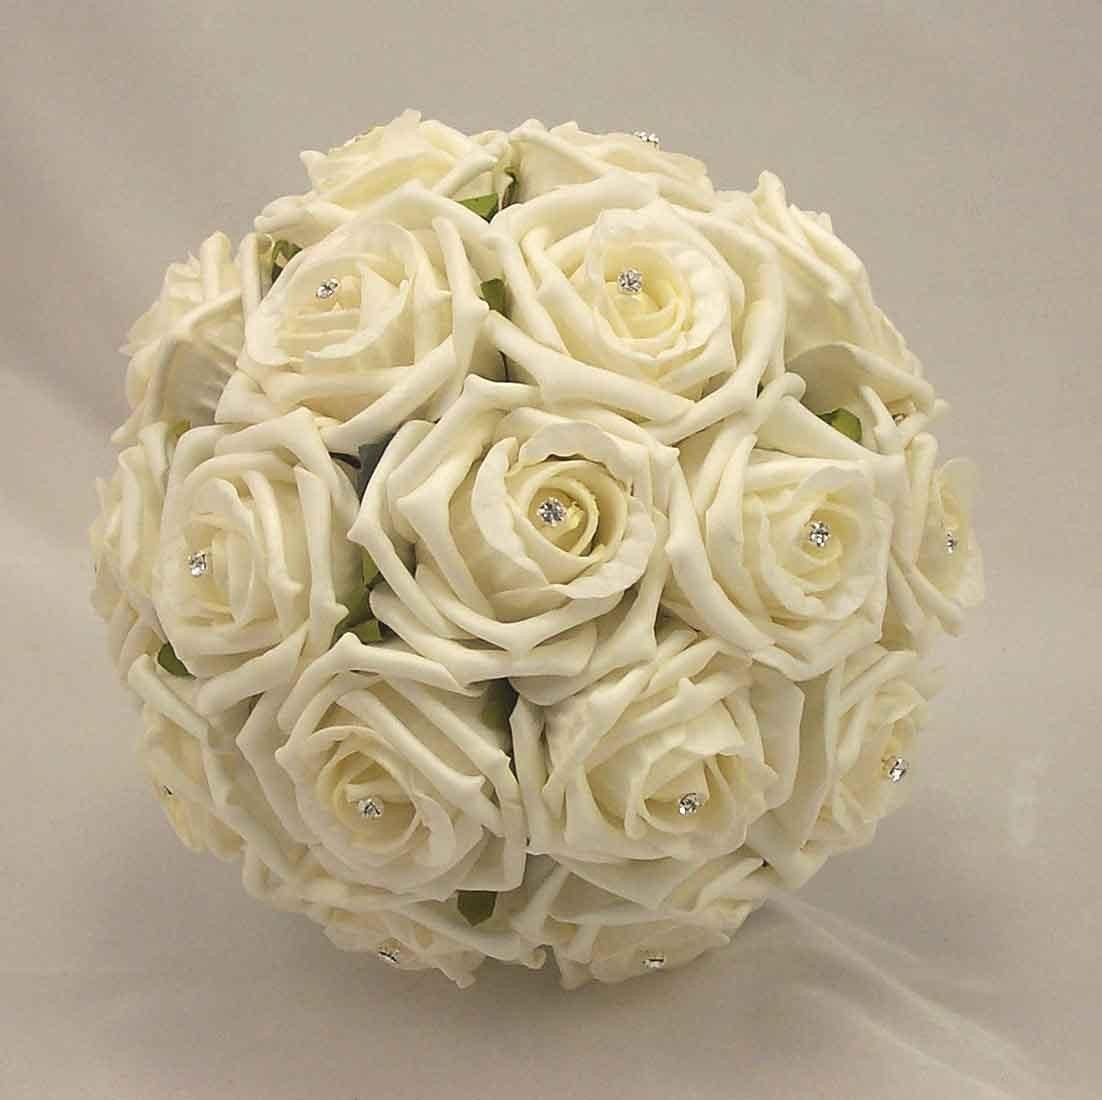 Ivory Rose Diamante Bridesmaid's Bouquet